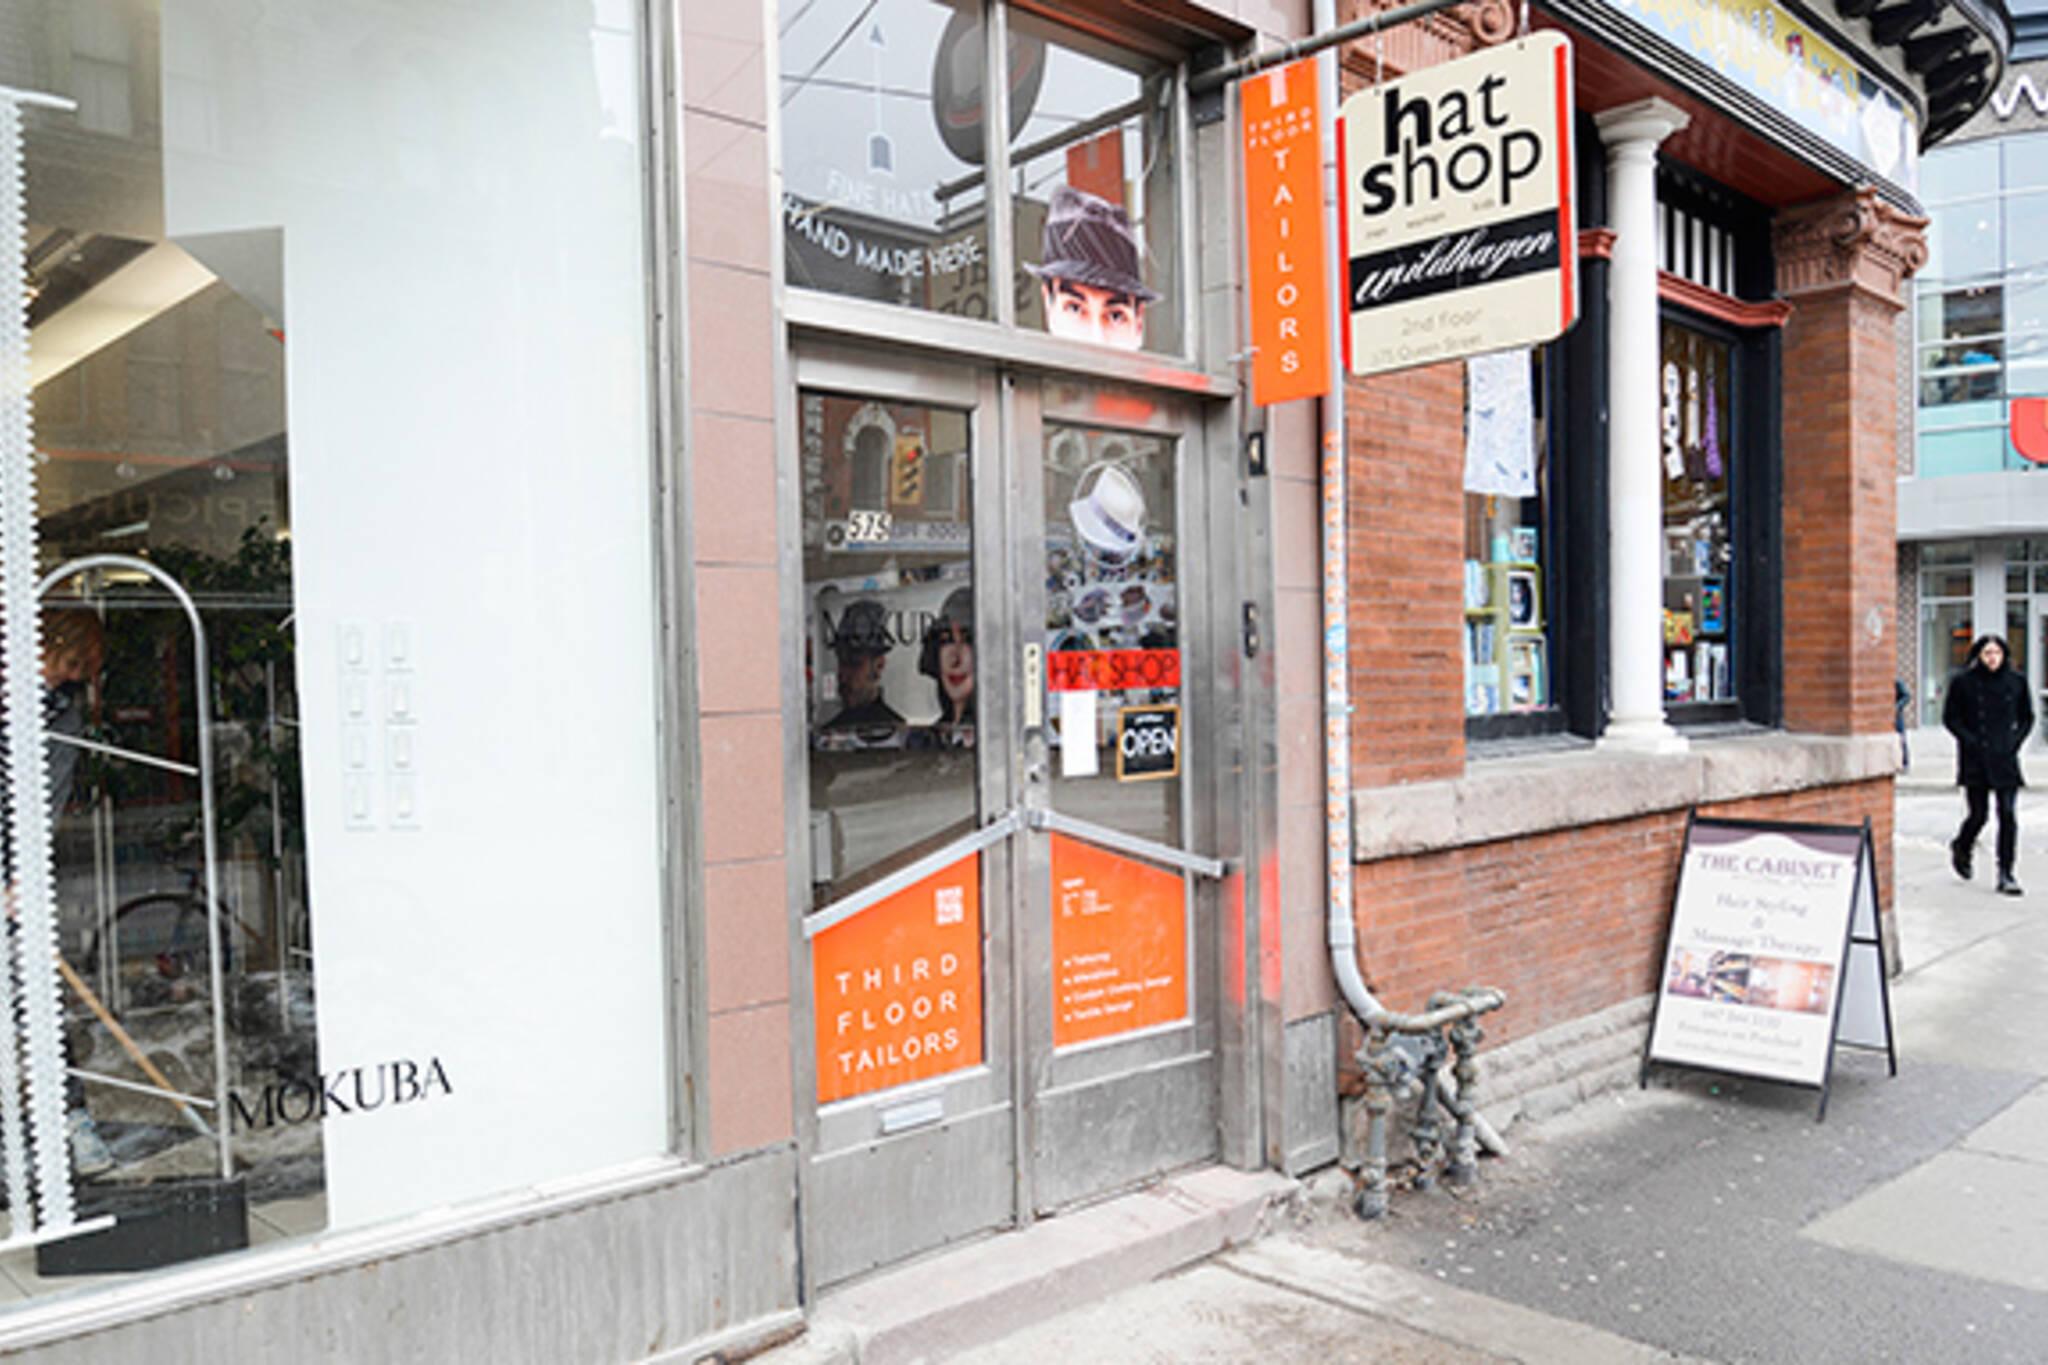 Third Floor Tailors - blogTO - Toronto